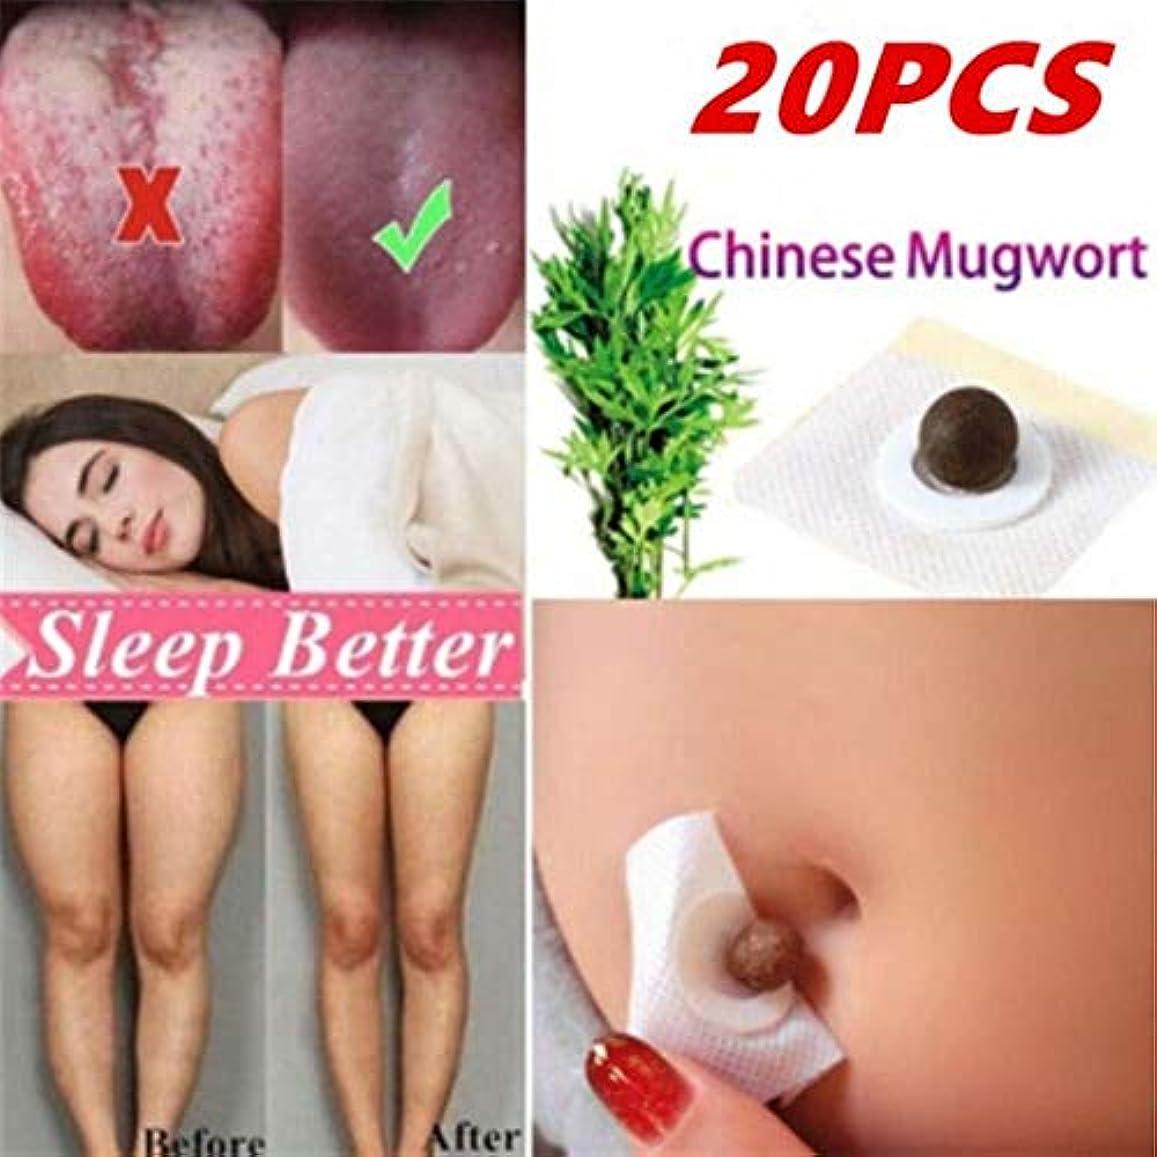 ノミネートたくさんの圧縮ヨモギ抽出エキス冷気と湿気を払拭するための湿気と悪の除去おへそステッカー、胃のむかつき消化不良、にきびの緩和、より良い睡眠の質-30個